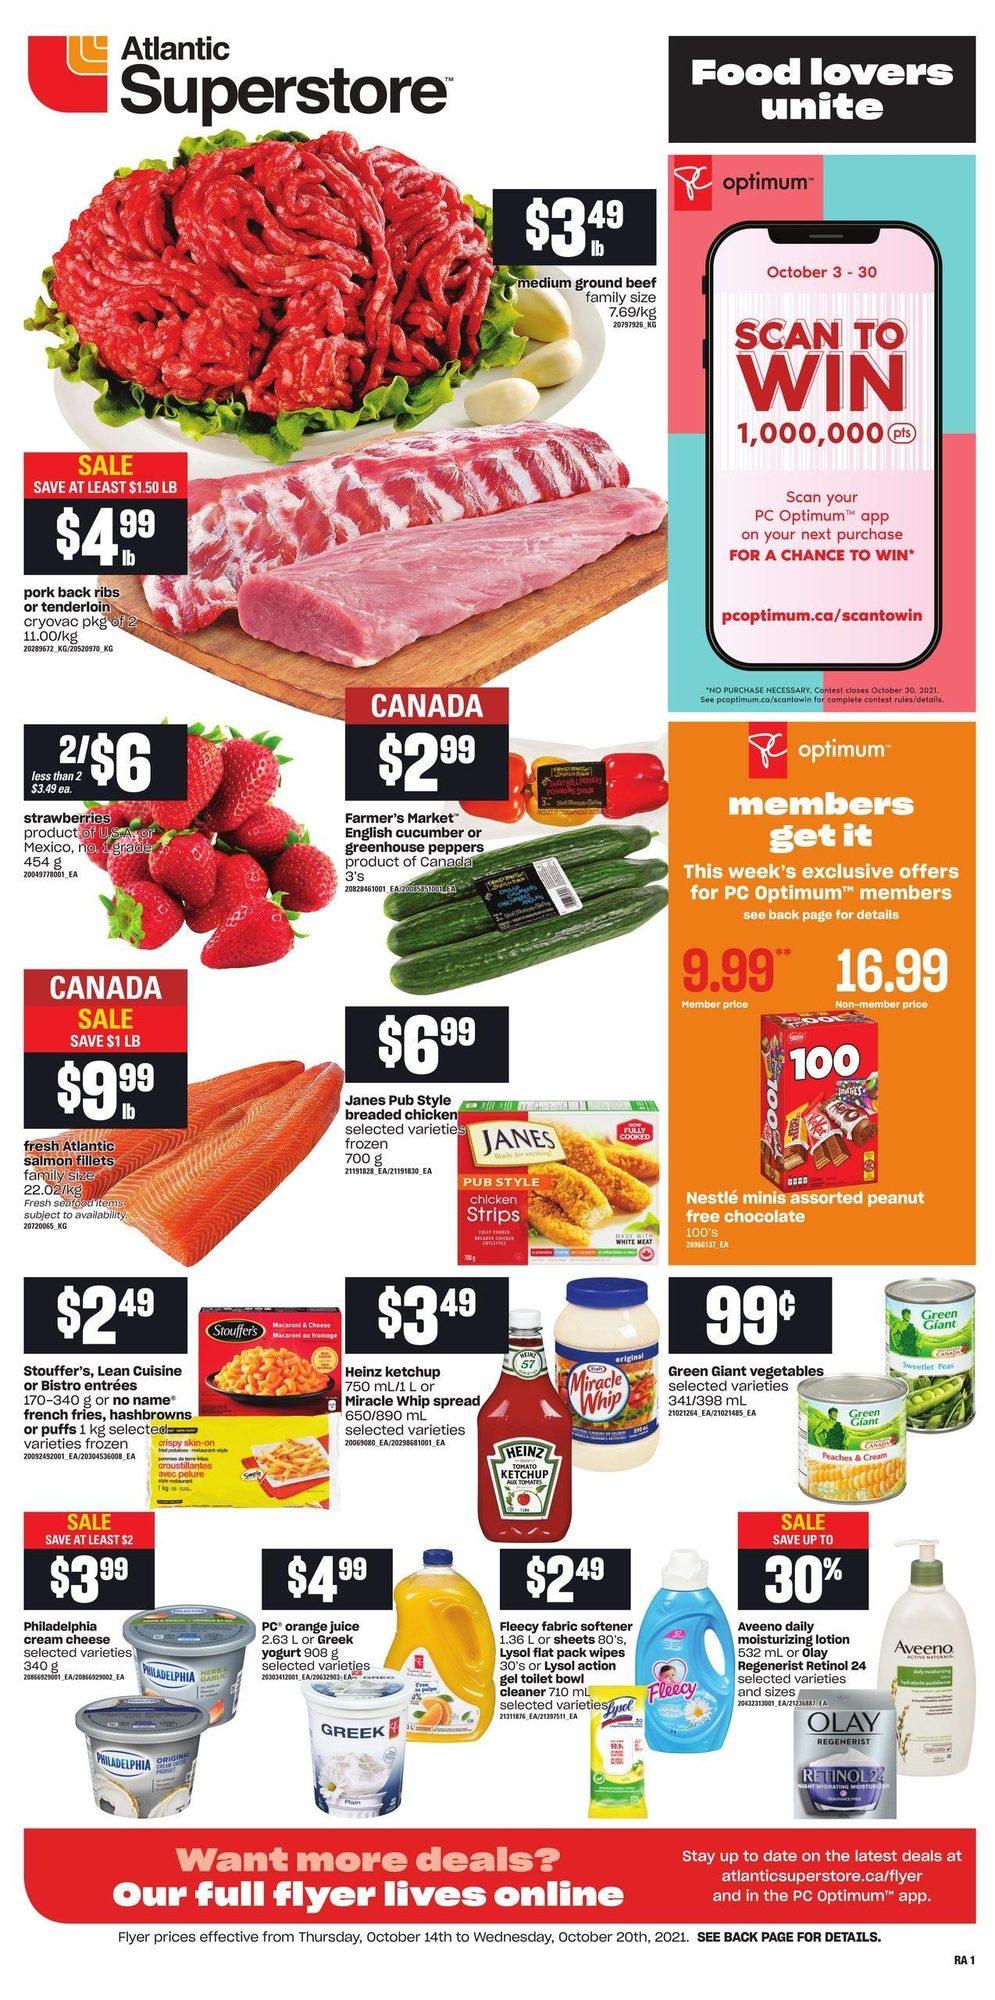 Atlantic Superstore - Weekly Flyer Specials